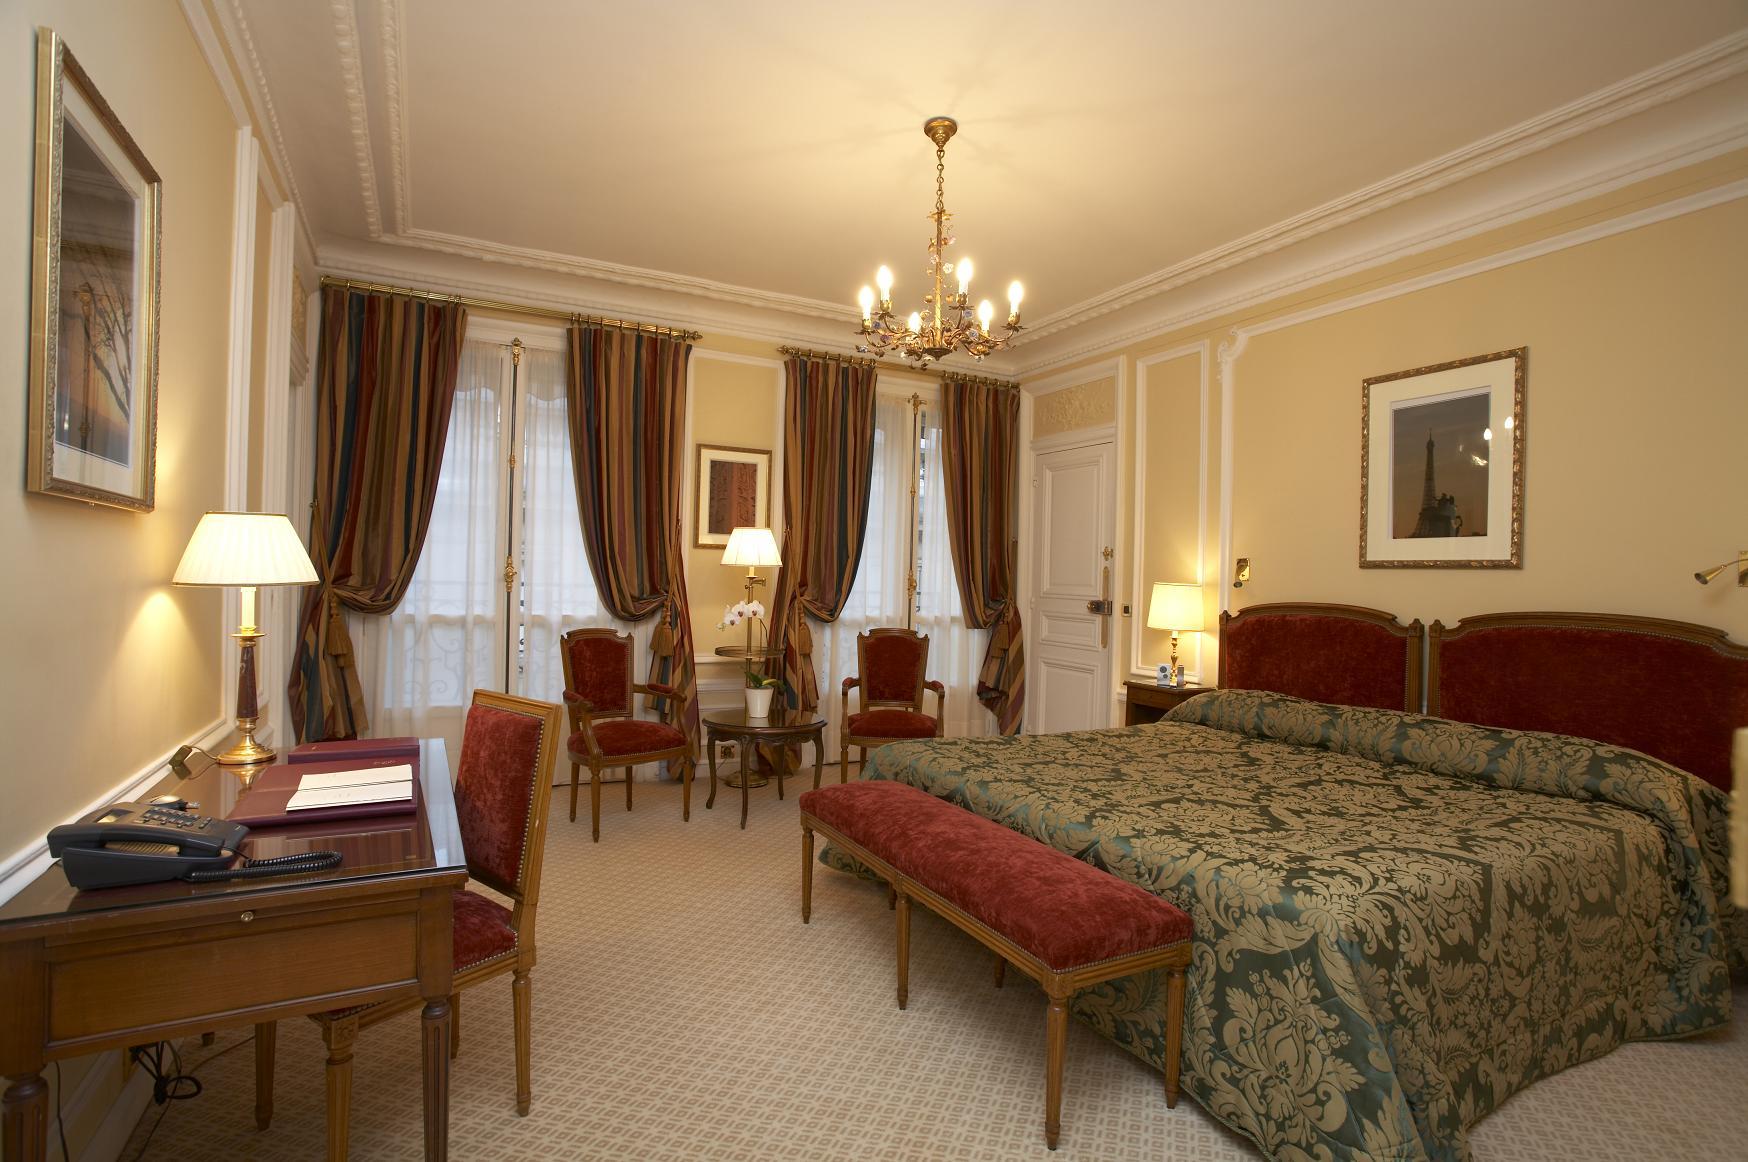 Reservation hotels paris chateaux chambres d 39 hote for Chambre d hote a paris